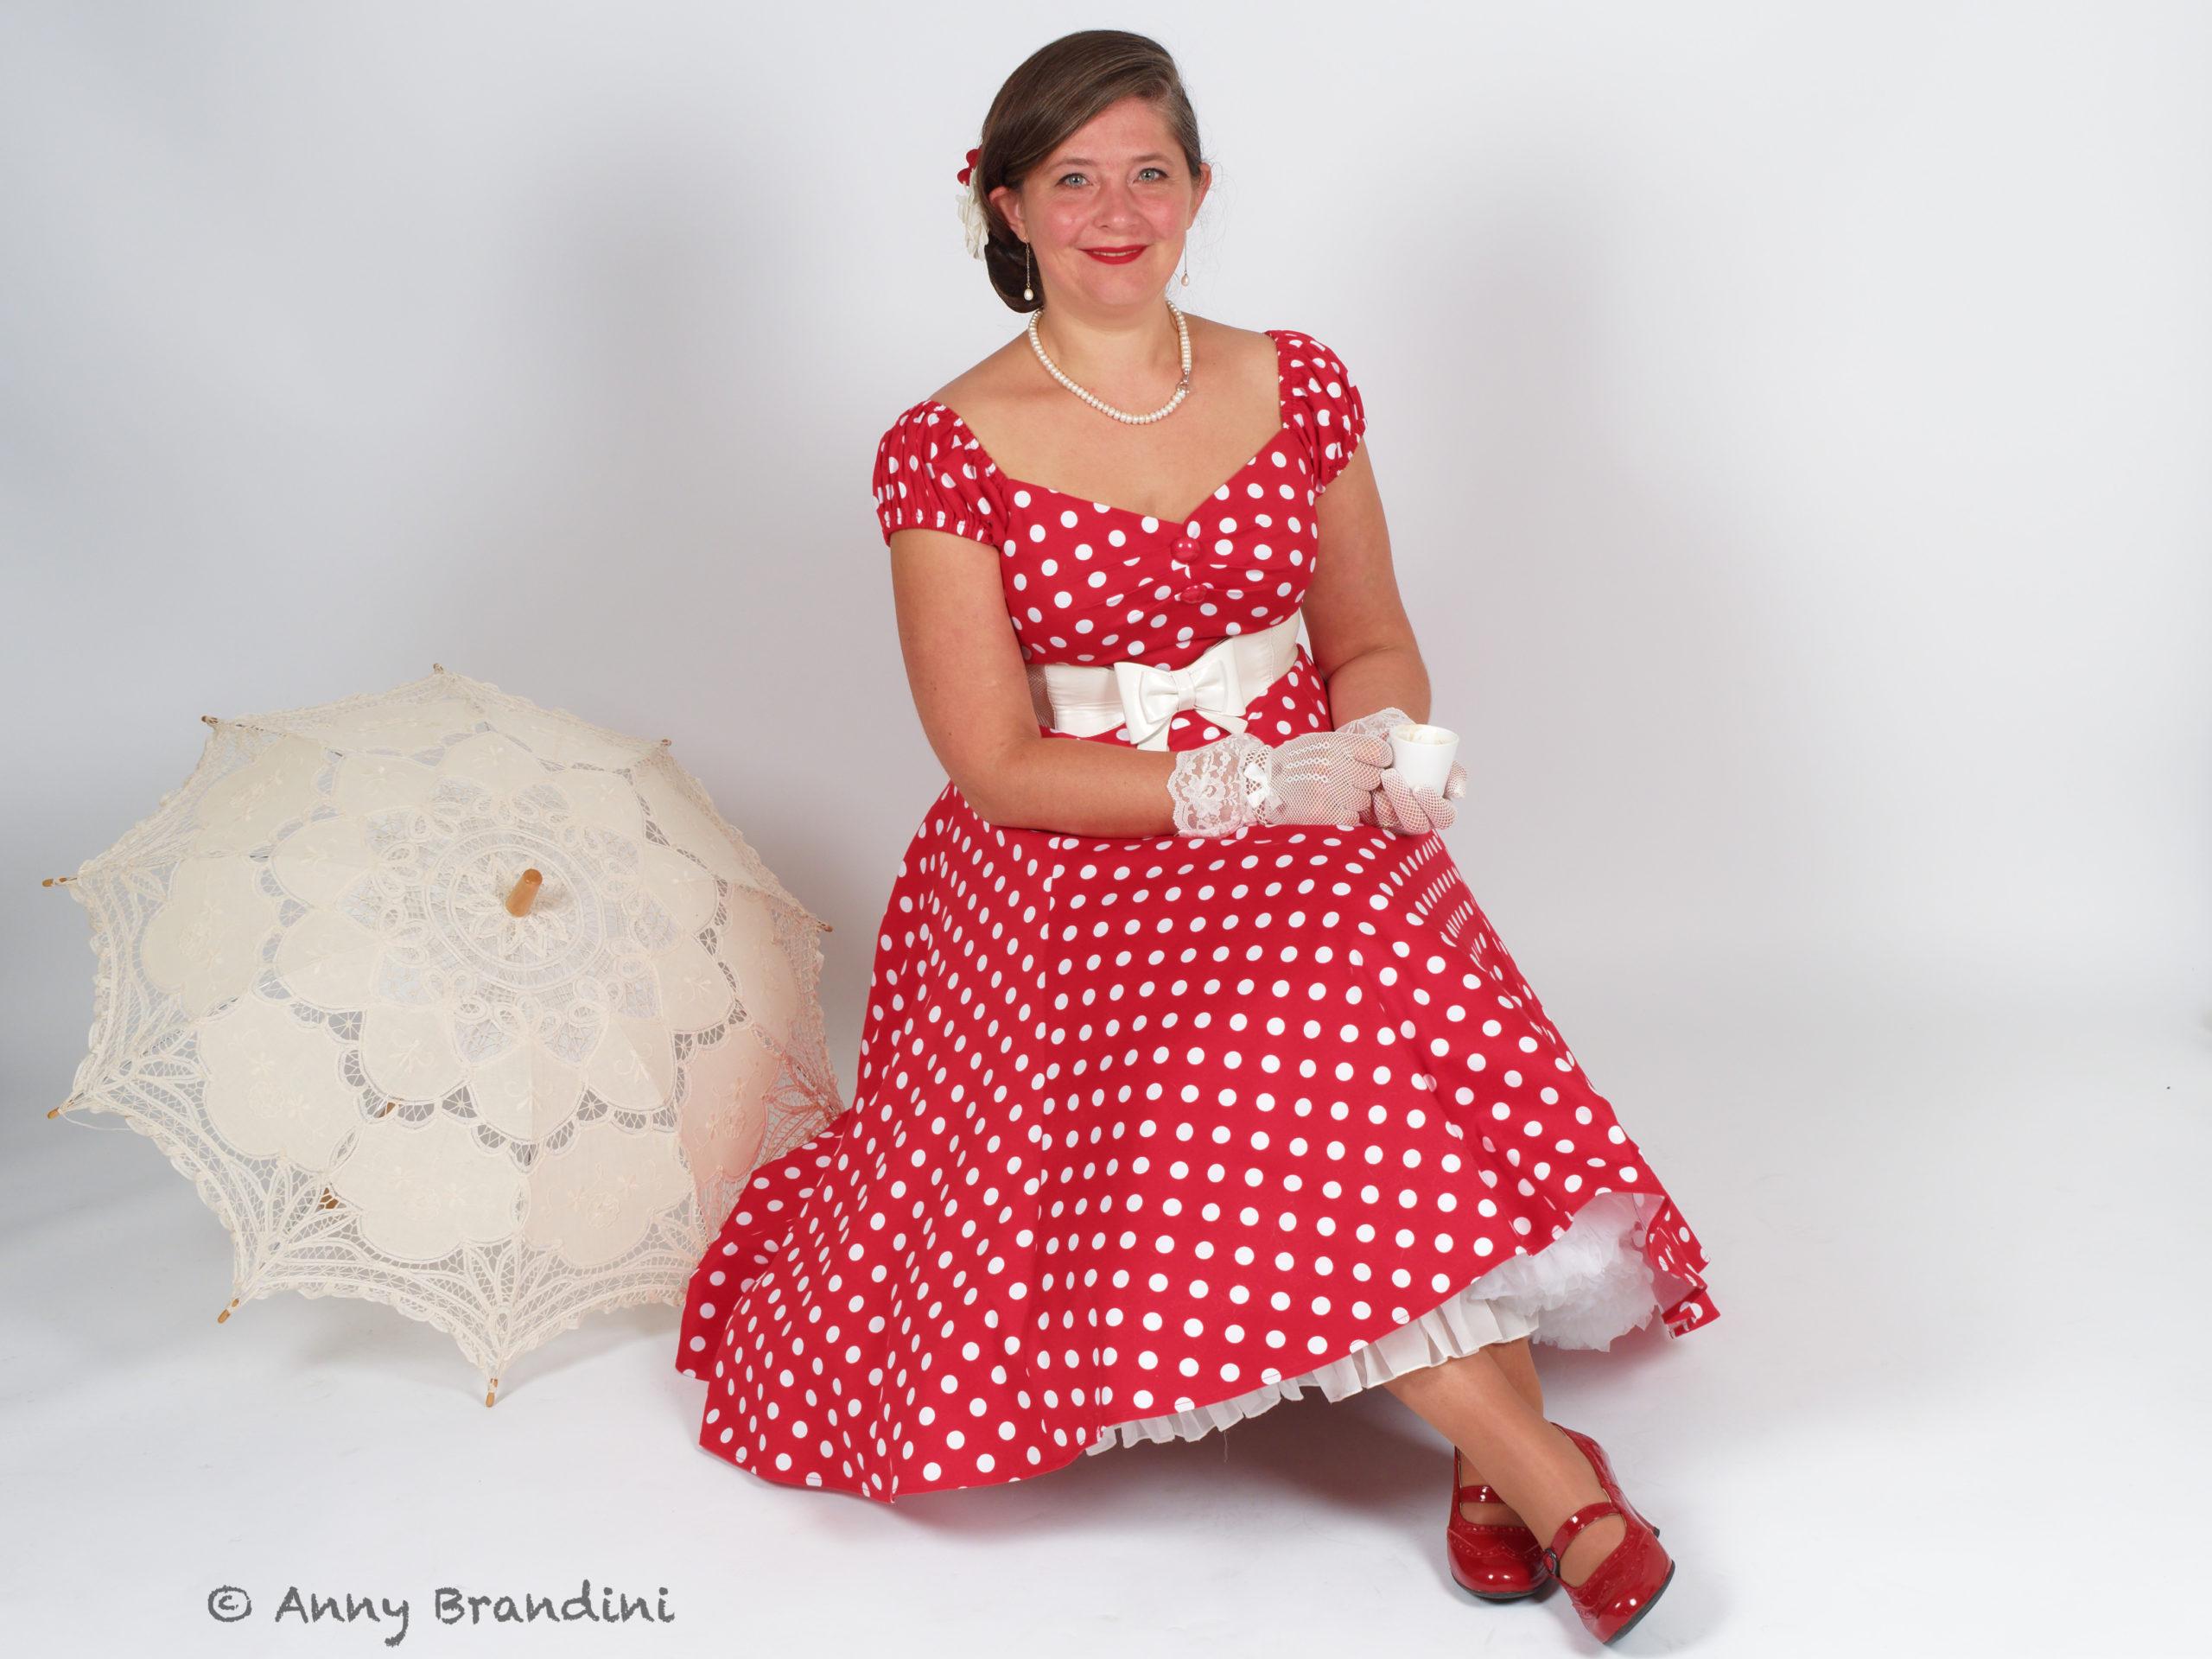 Une robe nommée Minnie... Marque : Collectif. Boutique 413 à Burnhaupt. Model : Cendrine Miesch dite LaPtiteAlsacienne. Mode vintage en Alsace. Photo : Anny Brandini